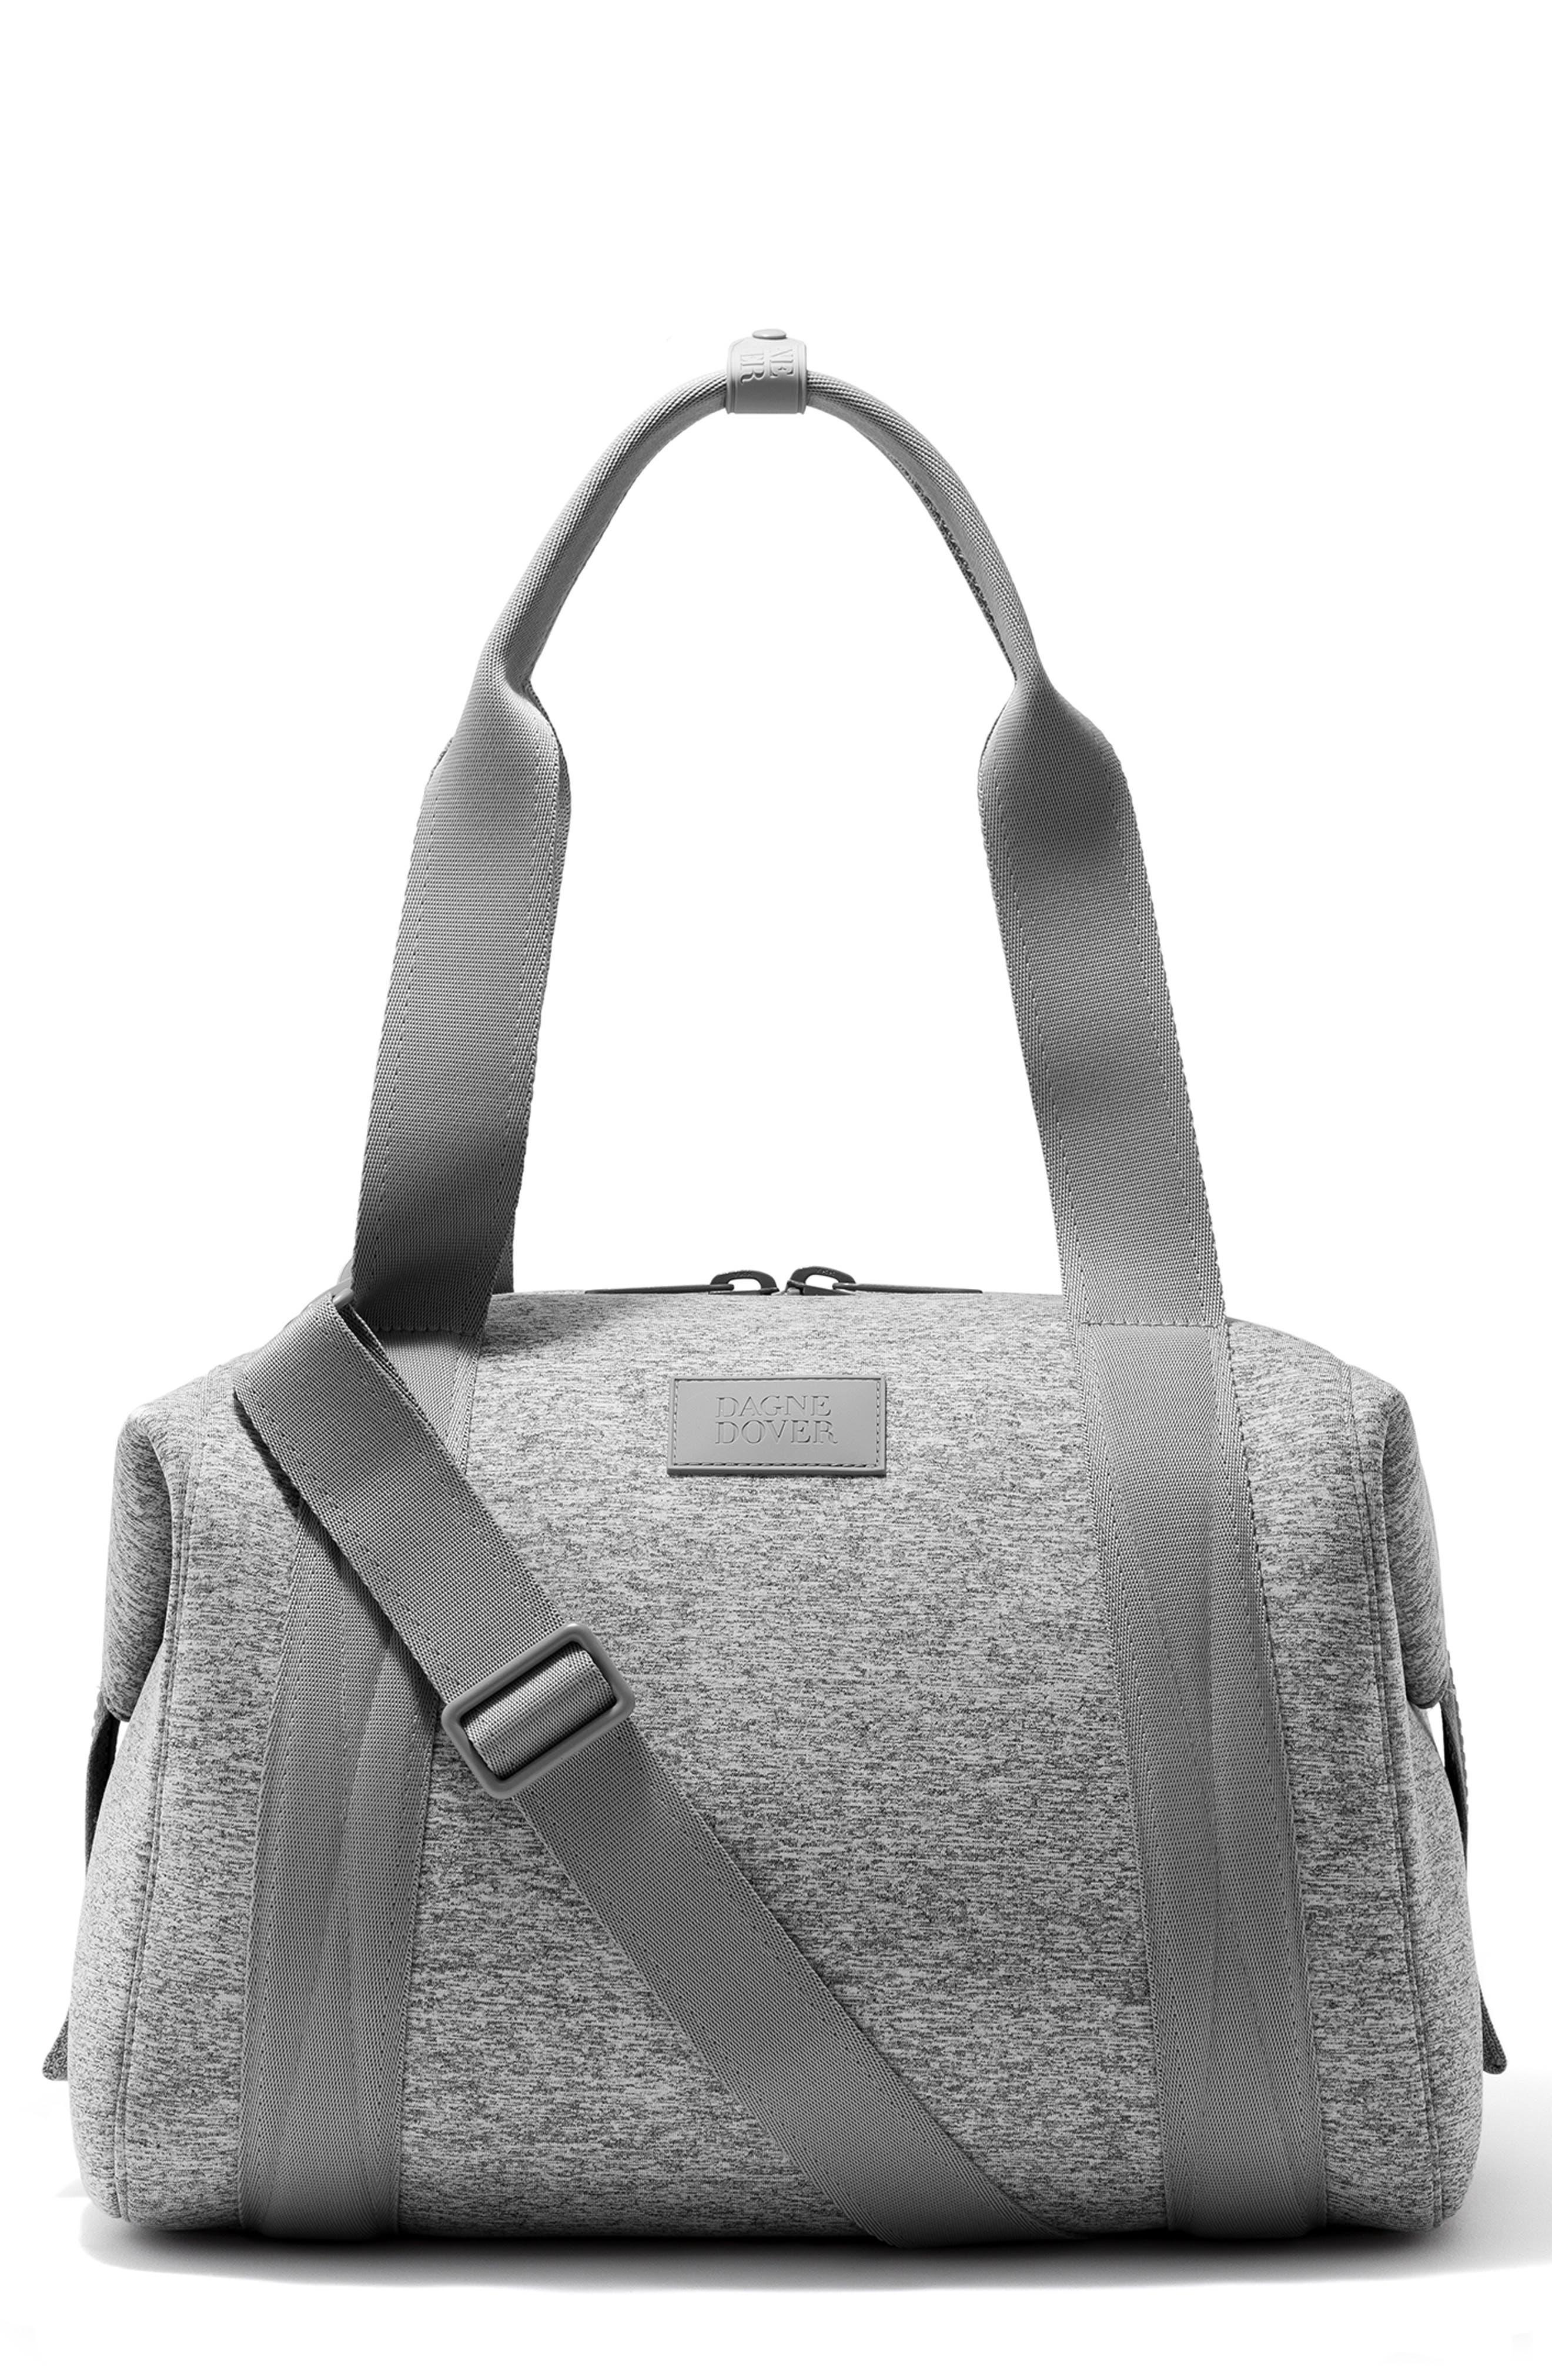 DAGNE DOVER 365 Medium Landon Neoprene Carryall Duffel Bag - Grey in Heather Grey